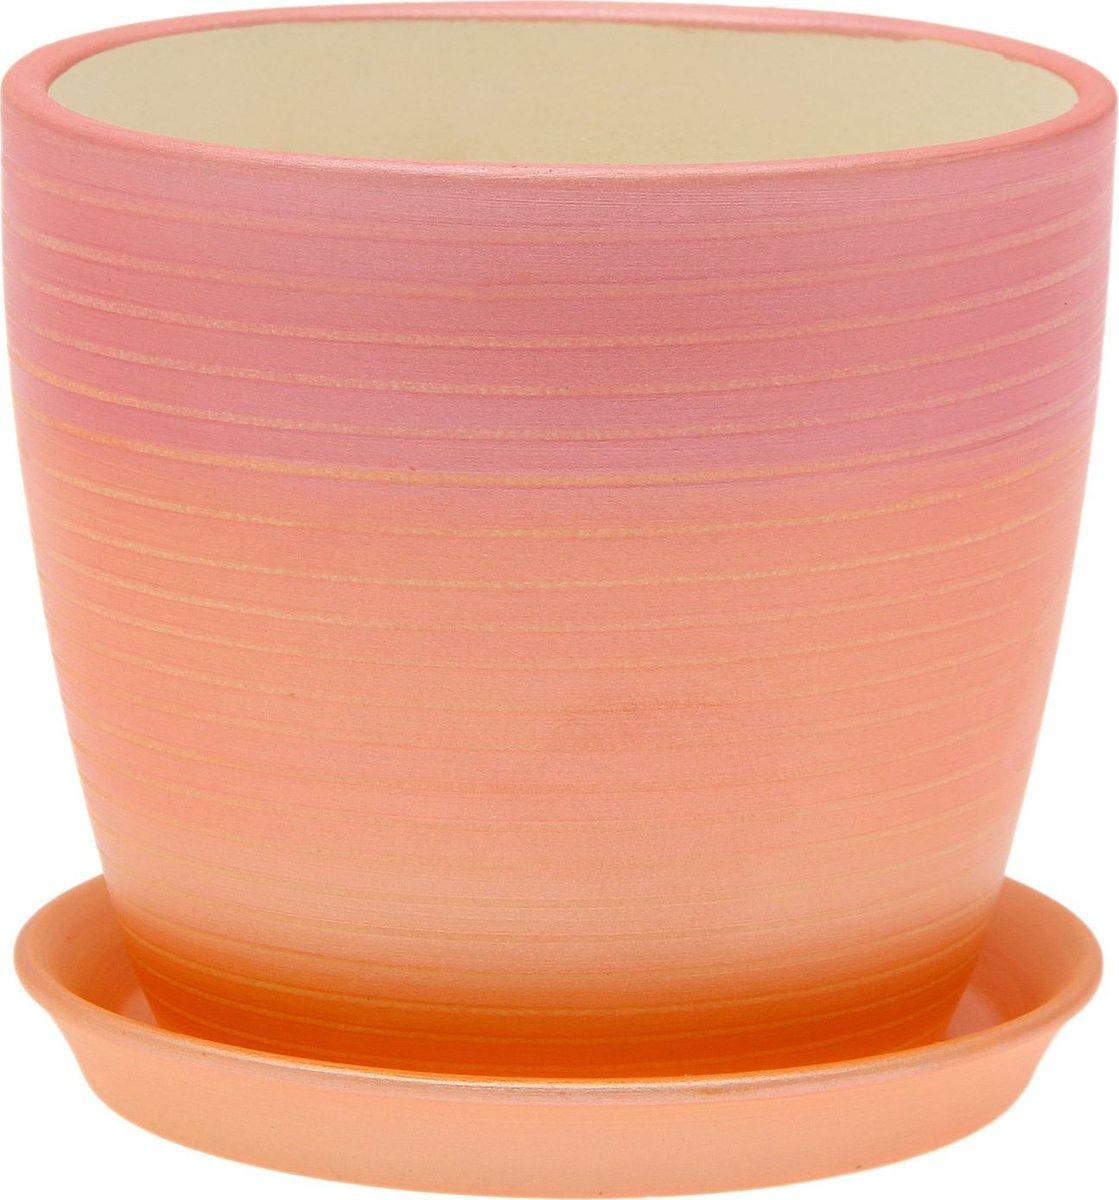 Кашпо Керамика ручной работы Осень. Радуга, цвет: красный, 3 л1968862Комнатные растения — всеобщие любимцы. Они радуют глаз, насыщают помещение кислородом и украшают пространство. Каждому из них необходим свой удобный и красивый дом. Кашпо из керамики прекрасно подходят для высадки растений: за счёт пластичности глины и разных способов обработки существует великое множество форм и дизайновпористый материал позволяет испаряться лишней влагевоздух, необходимый для дыхания корней, проникает сквозь керамические стенки! #name# позаботится о зелёном питомце, освежит интерьер и подчеркнёт его стиль.